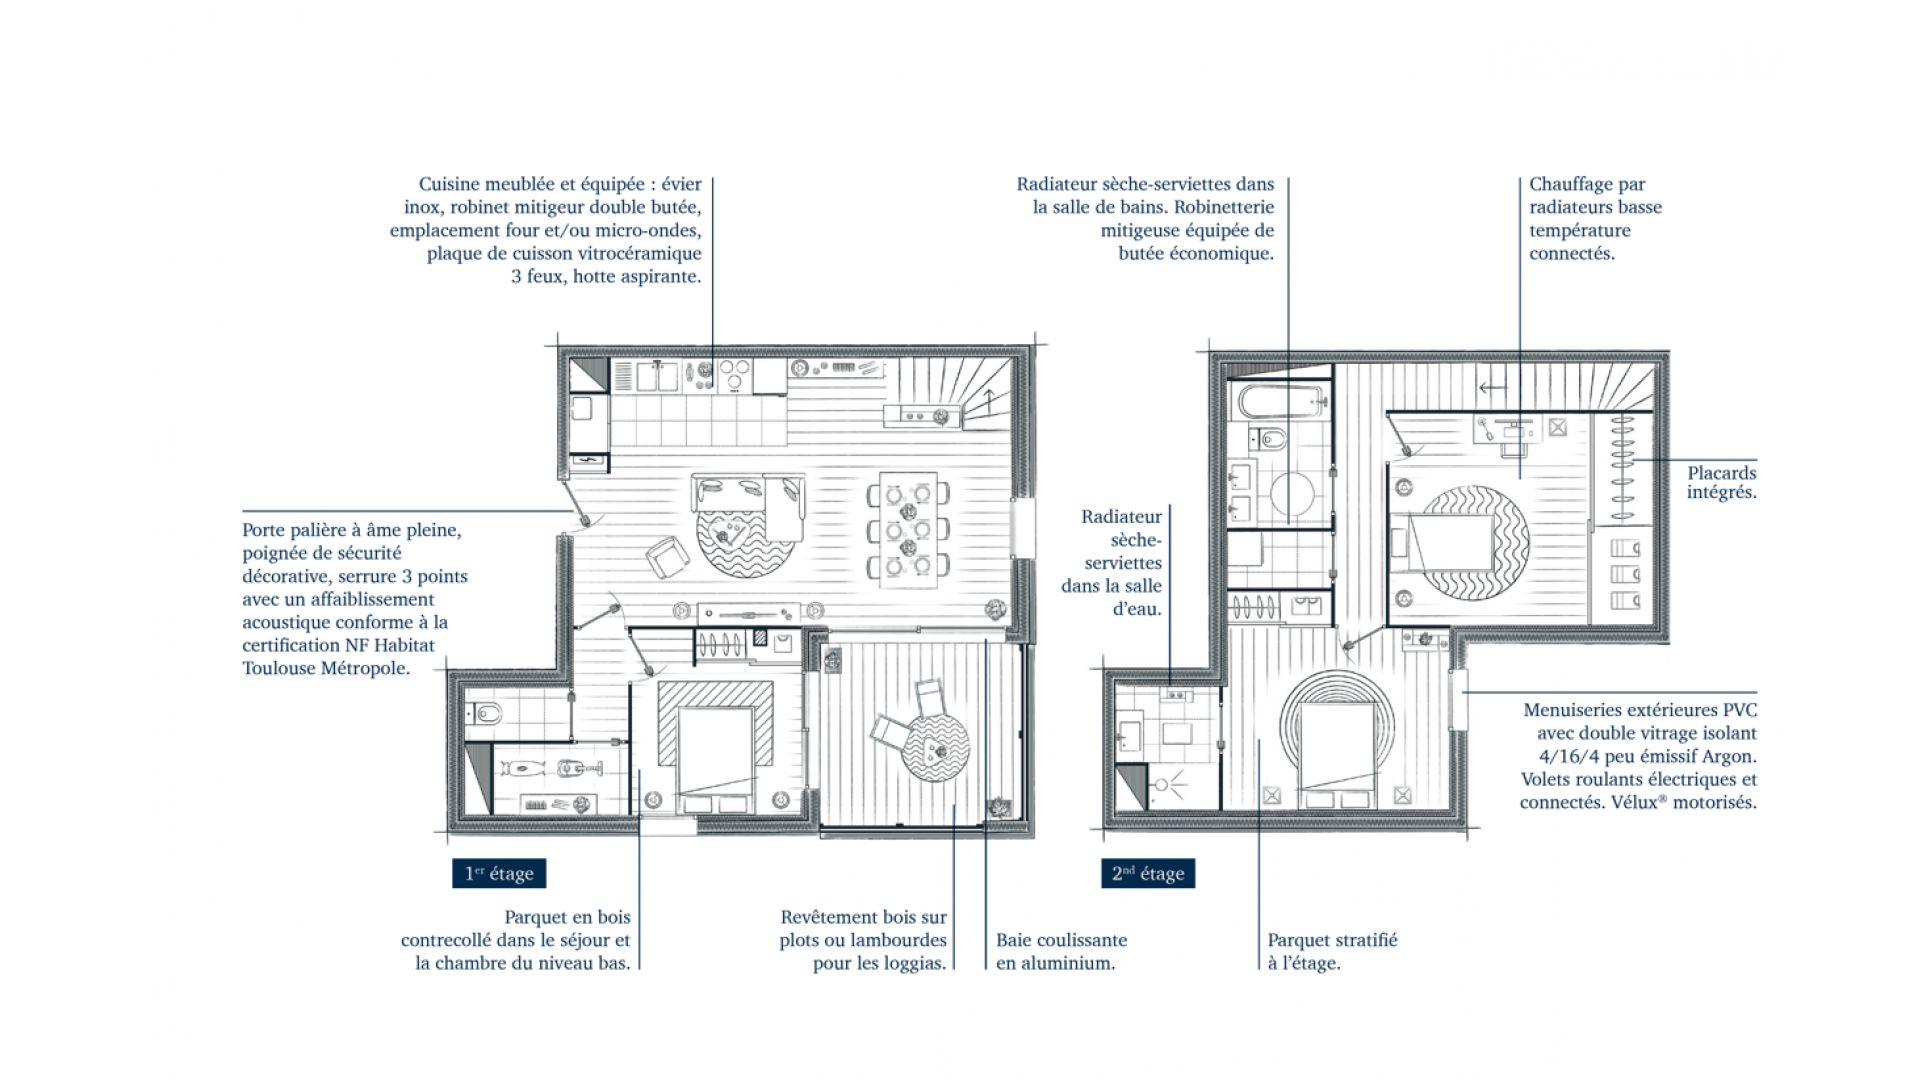 Greencity Immobilier - Résidence Villa Palacio - 31700 Blagnac - appartements neufs du T2 au T4 Duplex - plan T4 Duplex